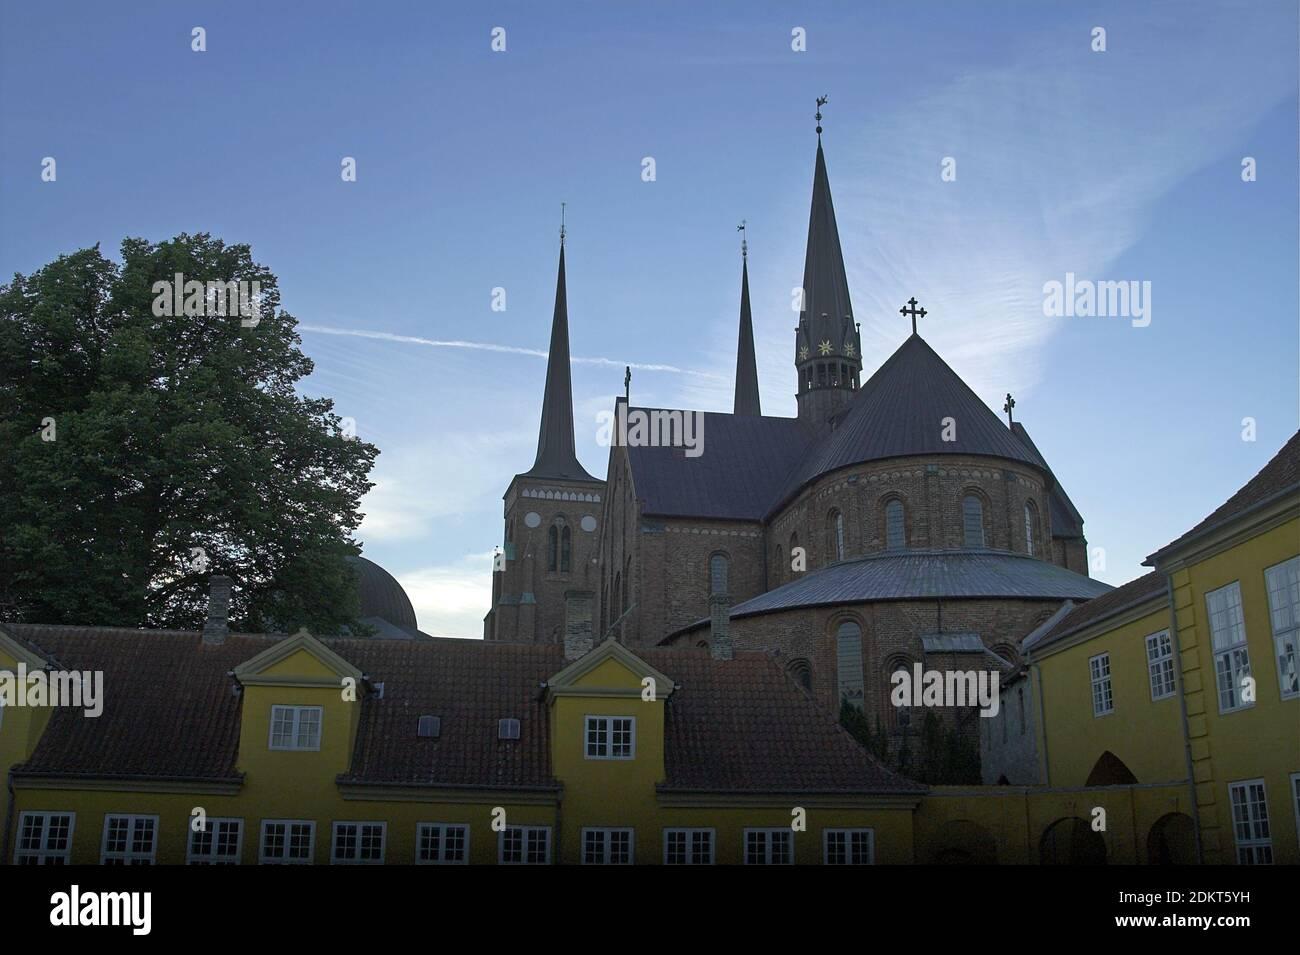 Roskilde, Dinamarca, Dänemark: La catedral desde el lado del ábside contra el fondo del cielo nocturno. Die Cathedrale von der Seite der Apsis Foto de stock